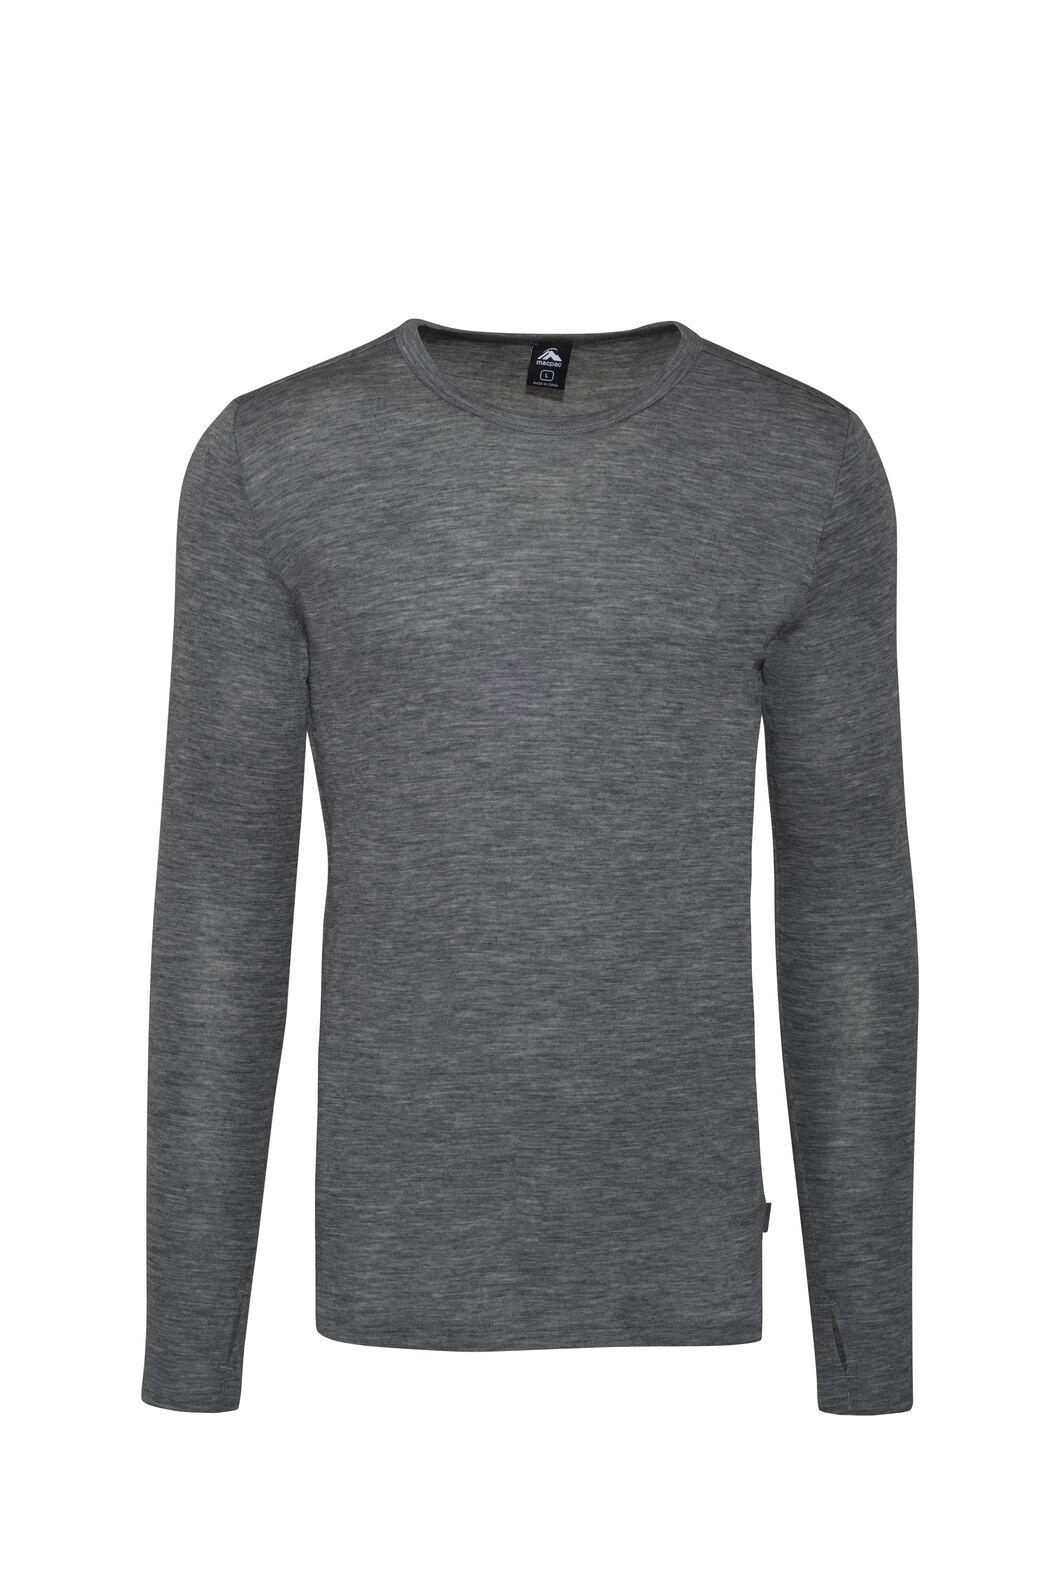 Macpac 220 Merino Long Sleeve Top - Men's, Mid Grey Marle, hi-res